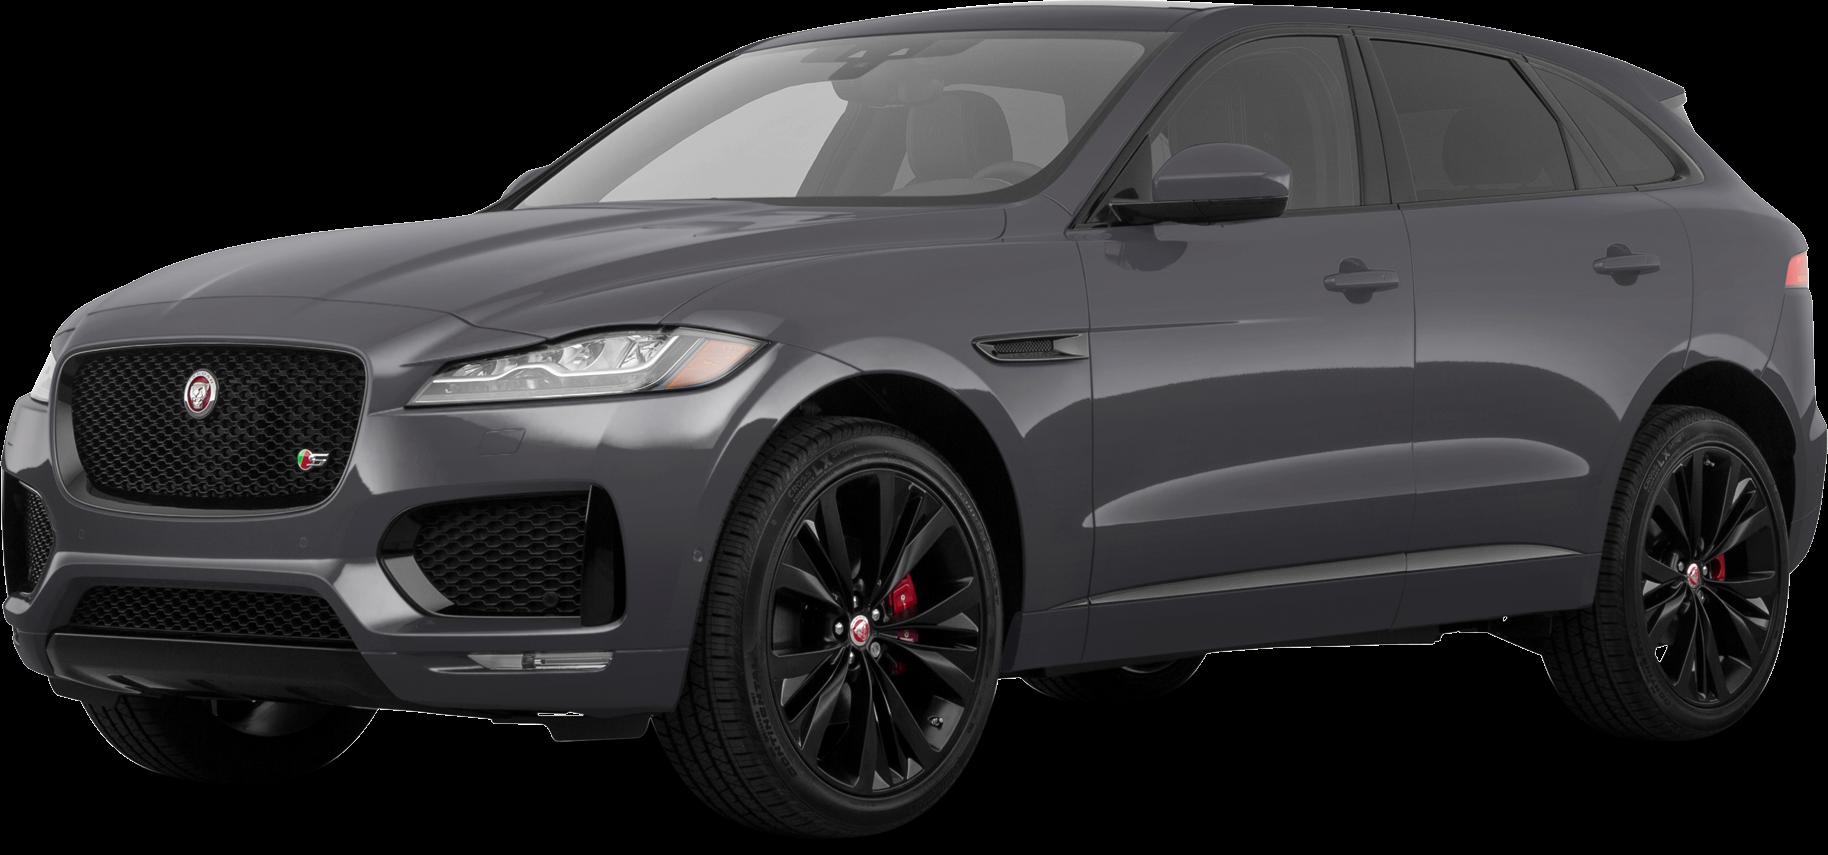 2019 Jaguar F Pace Values Cars For Sale Kelley Blue Book